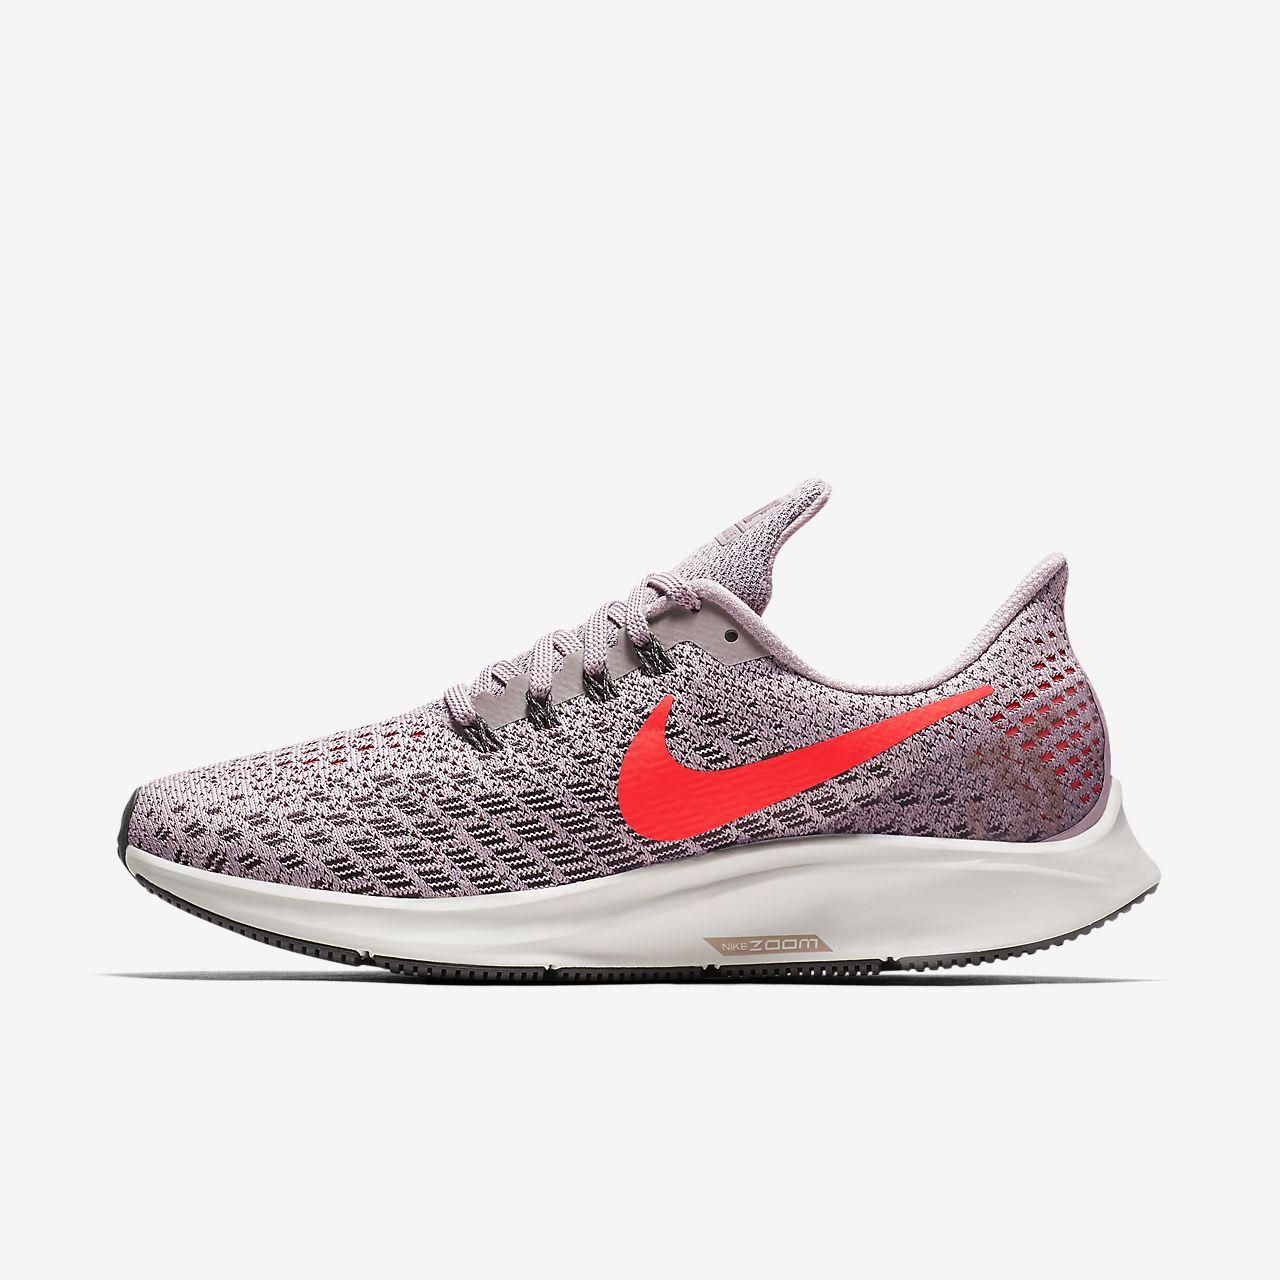 Nike Air Zoom Pegasus 35 Women's Running Shoe